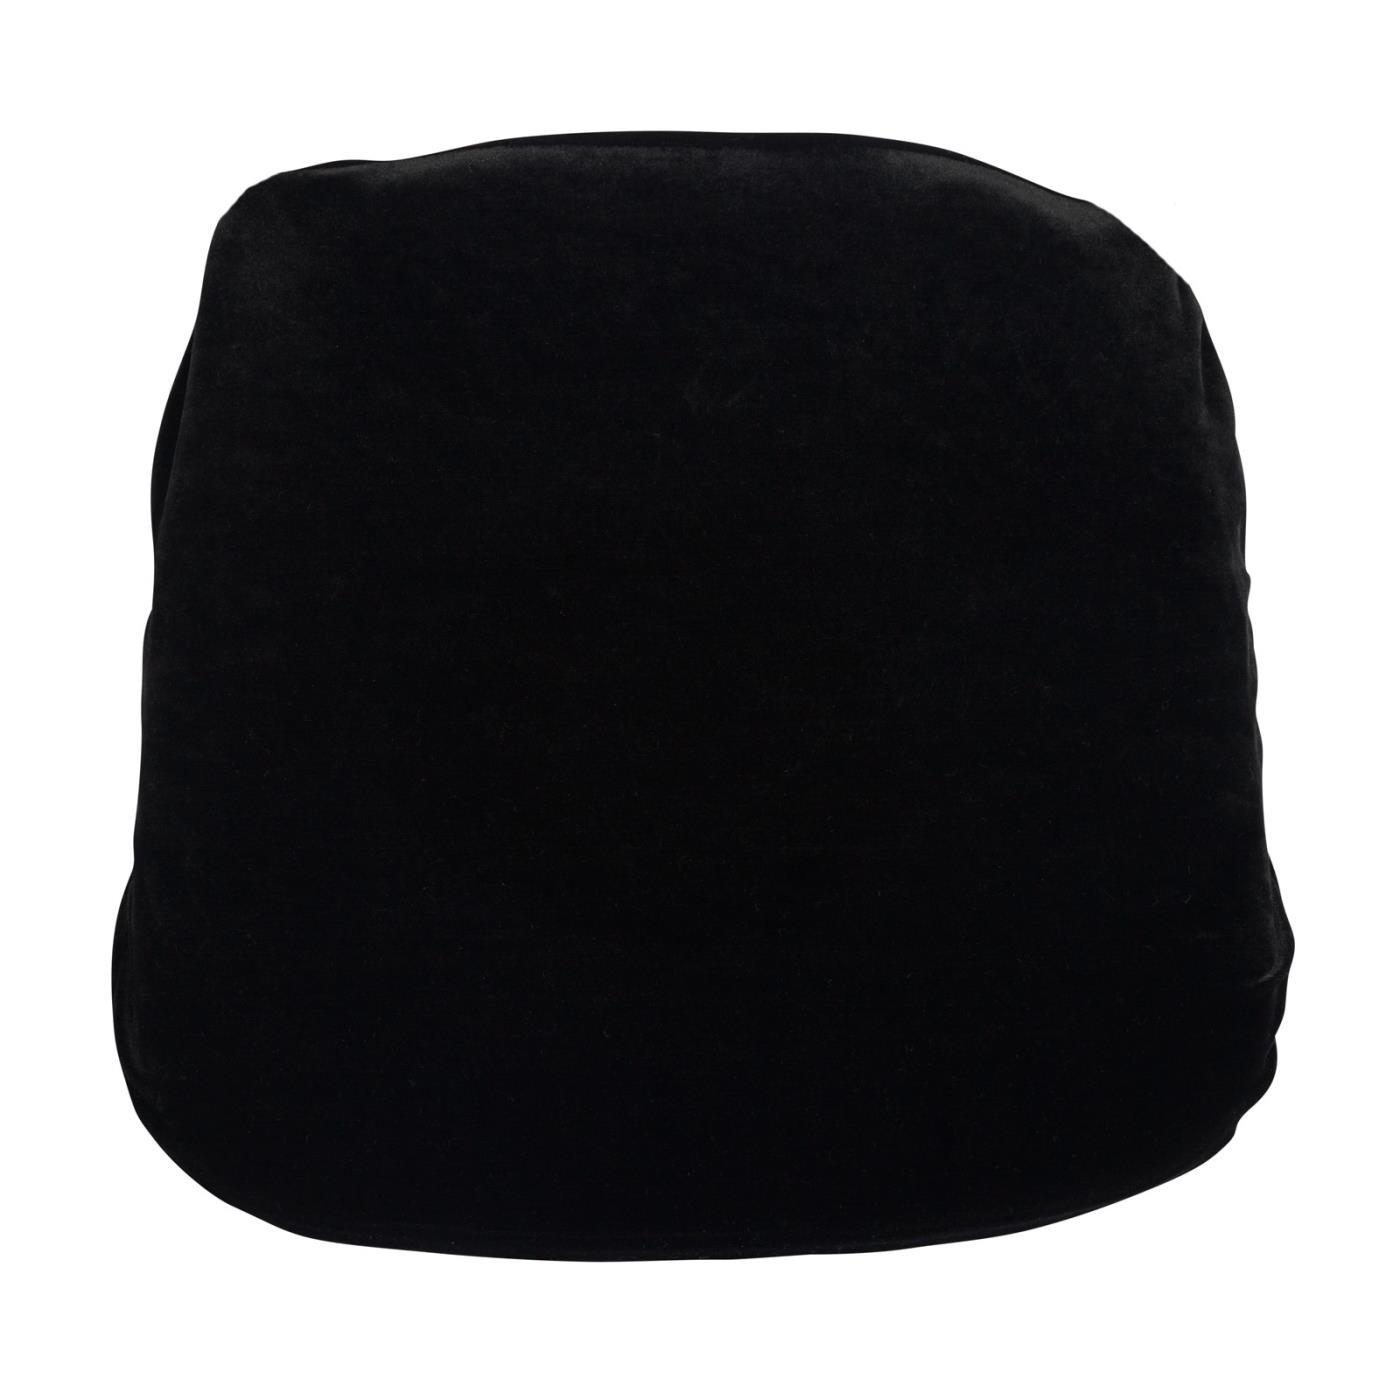 Velvet Seat Cushion - Black